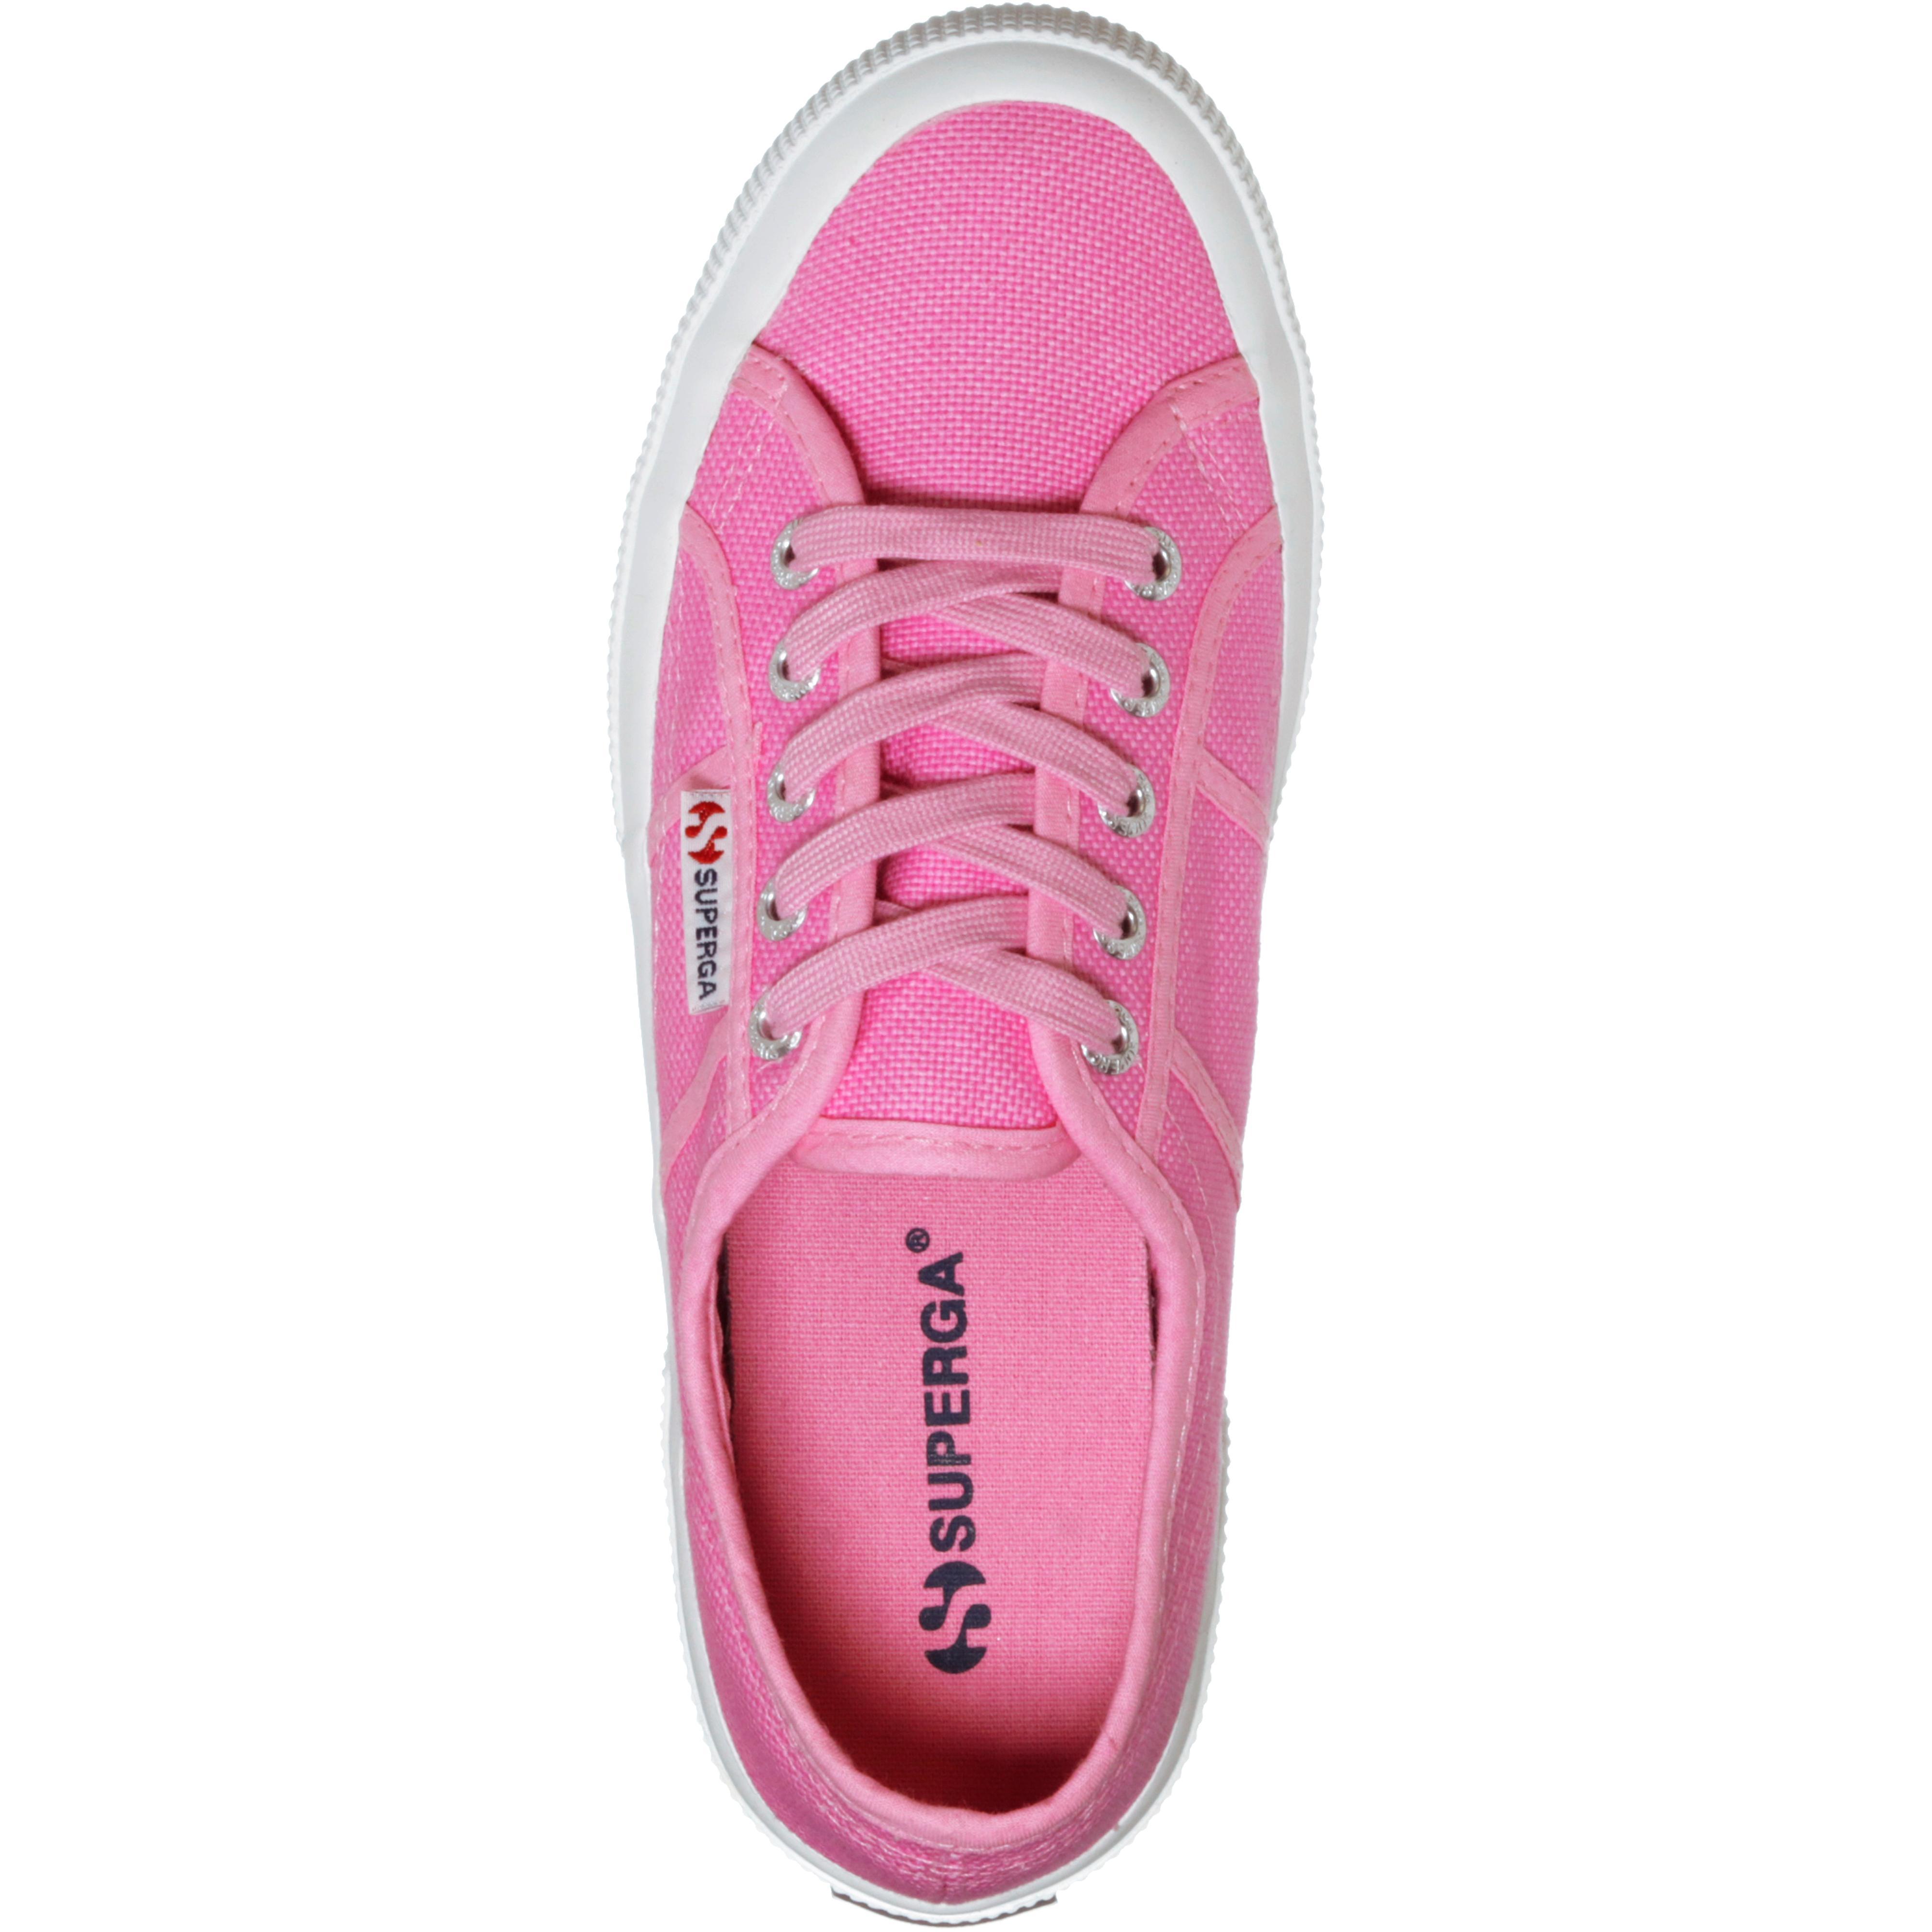 Superga Cotu Classic Turnschuhe Damen weiß Shop im Online Shop weiß von SportScheck kaufen Gute Qualität beliebte Schuhe 532d6a